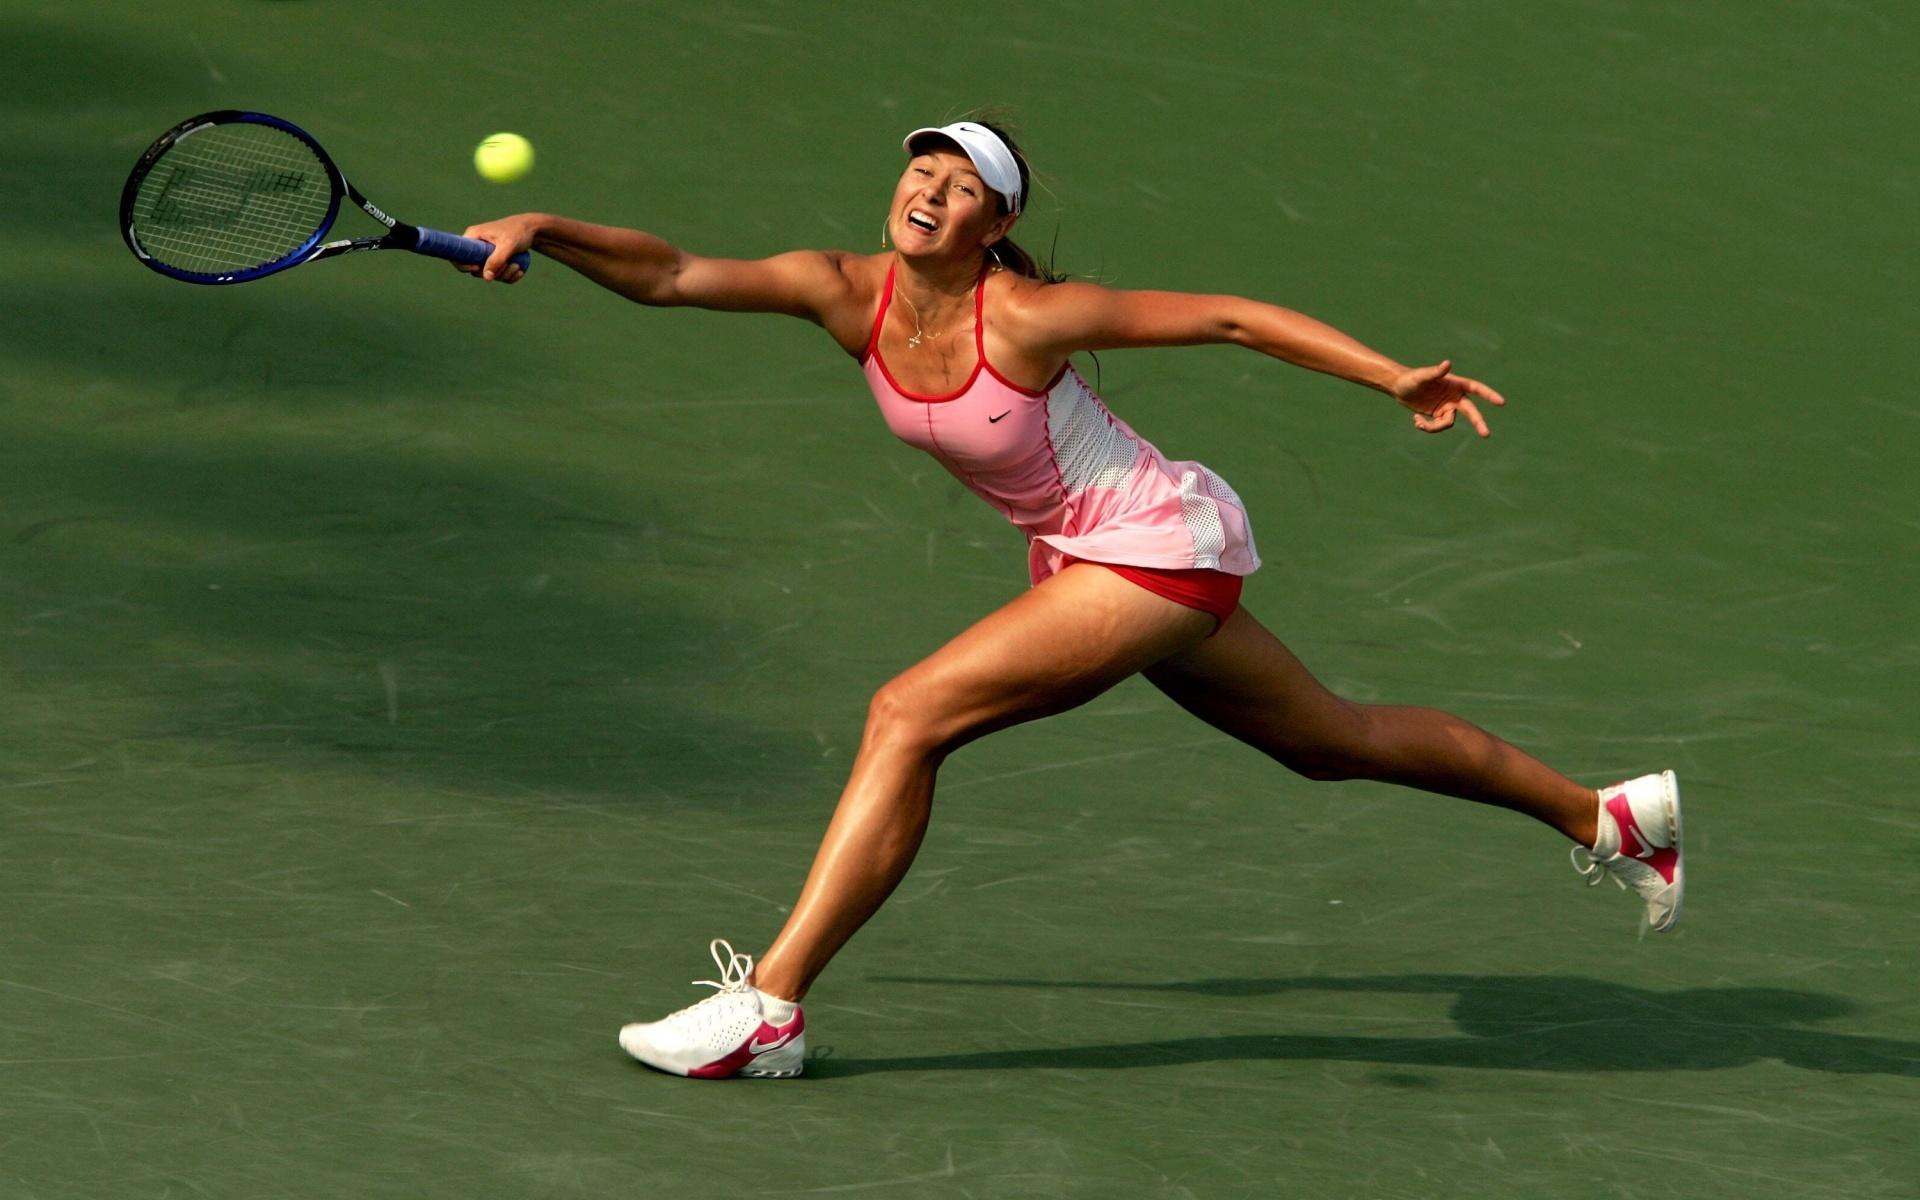 maria tennis